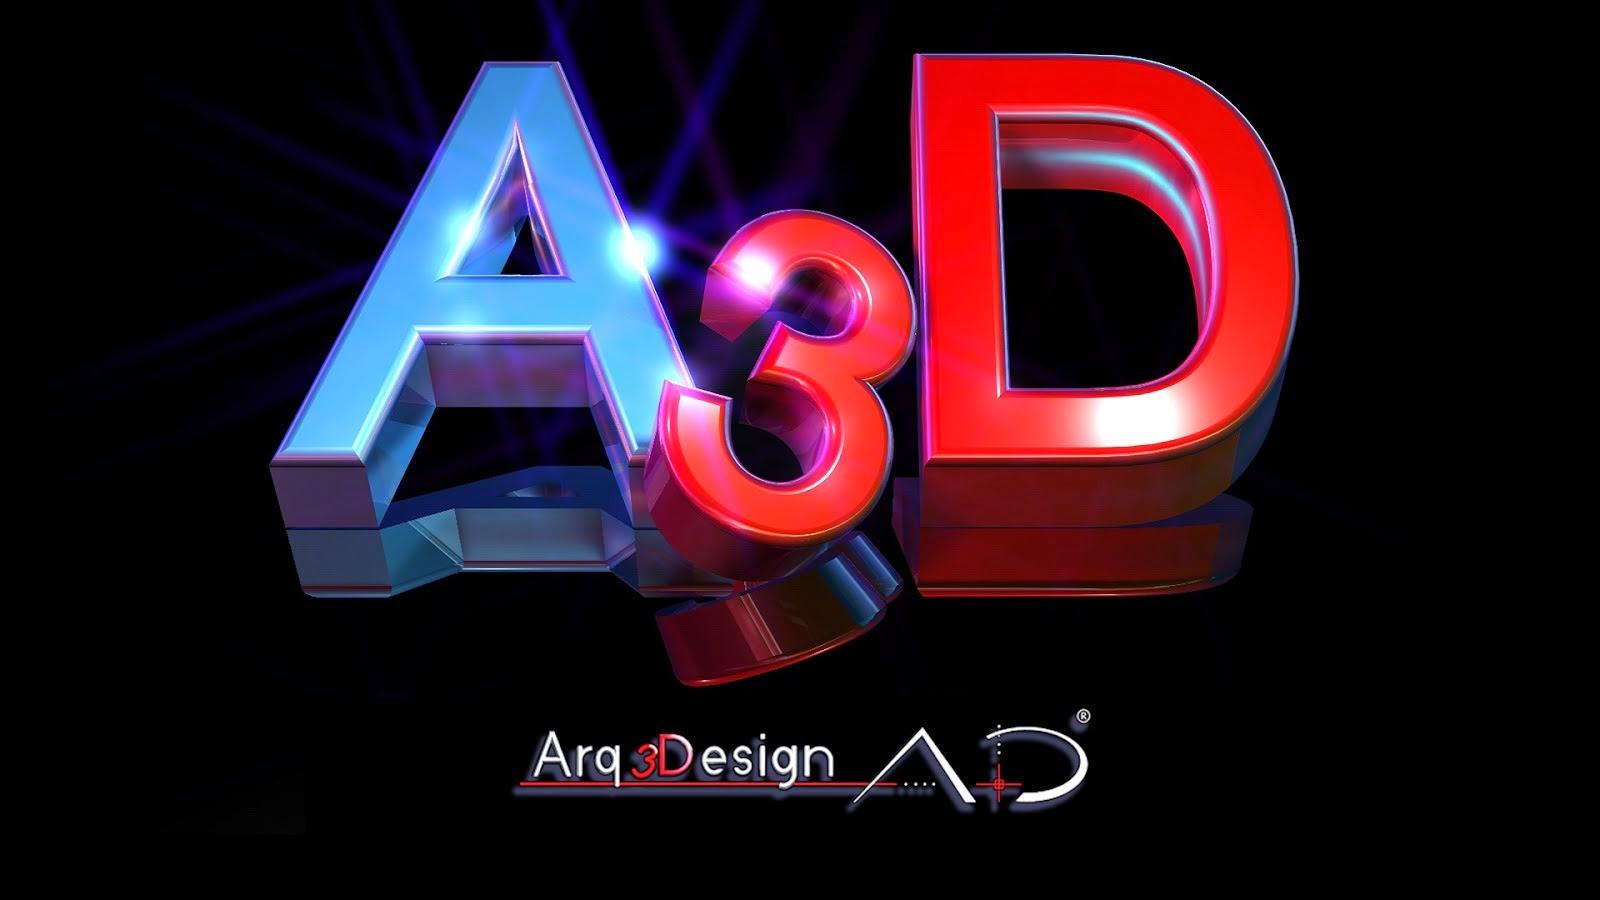 Pano 360 Salamanca A3D arq3Design